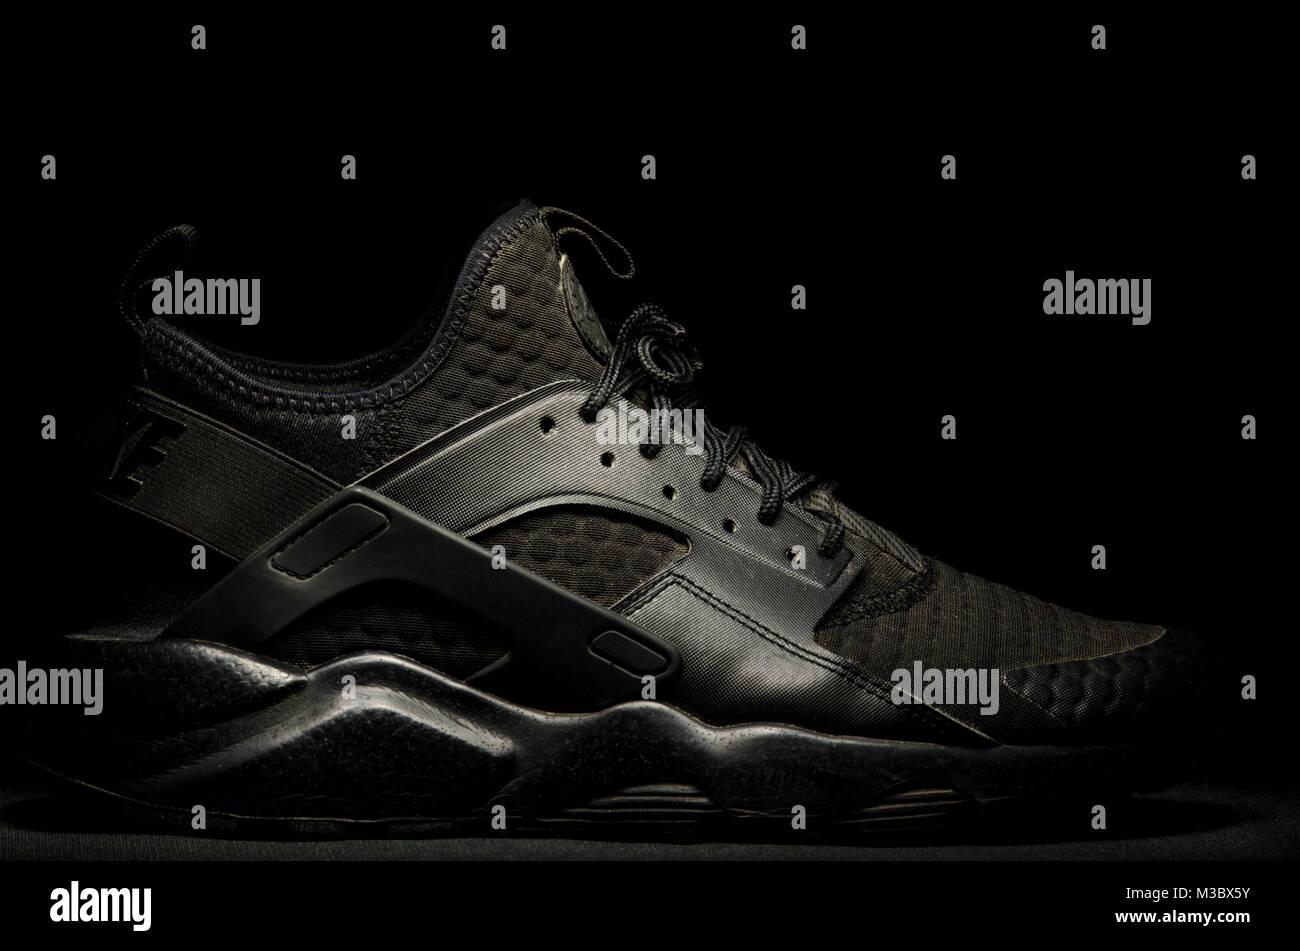 Nike Air Huarache Ultra SE Premium Triple Black Stock Photo ... eb630287c6e6